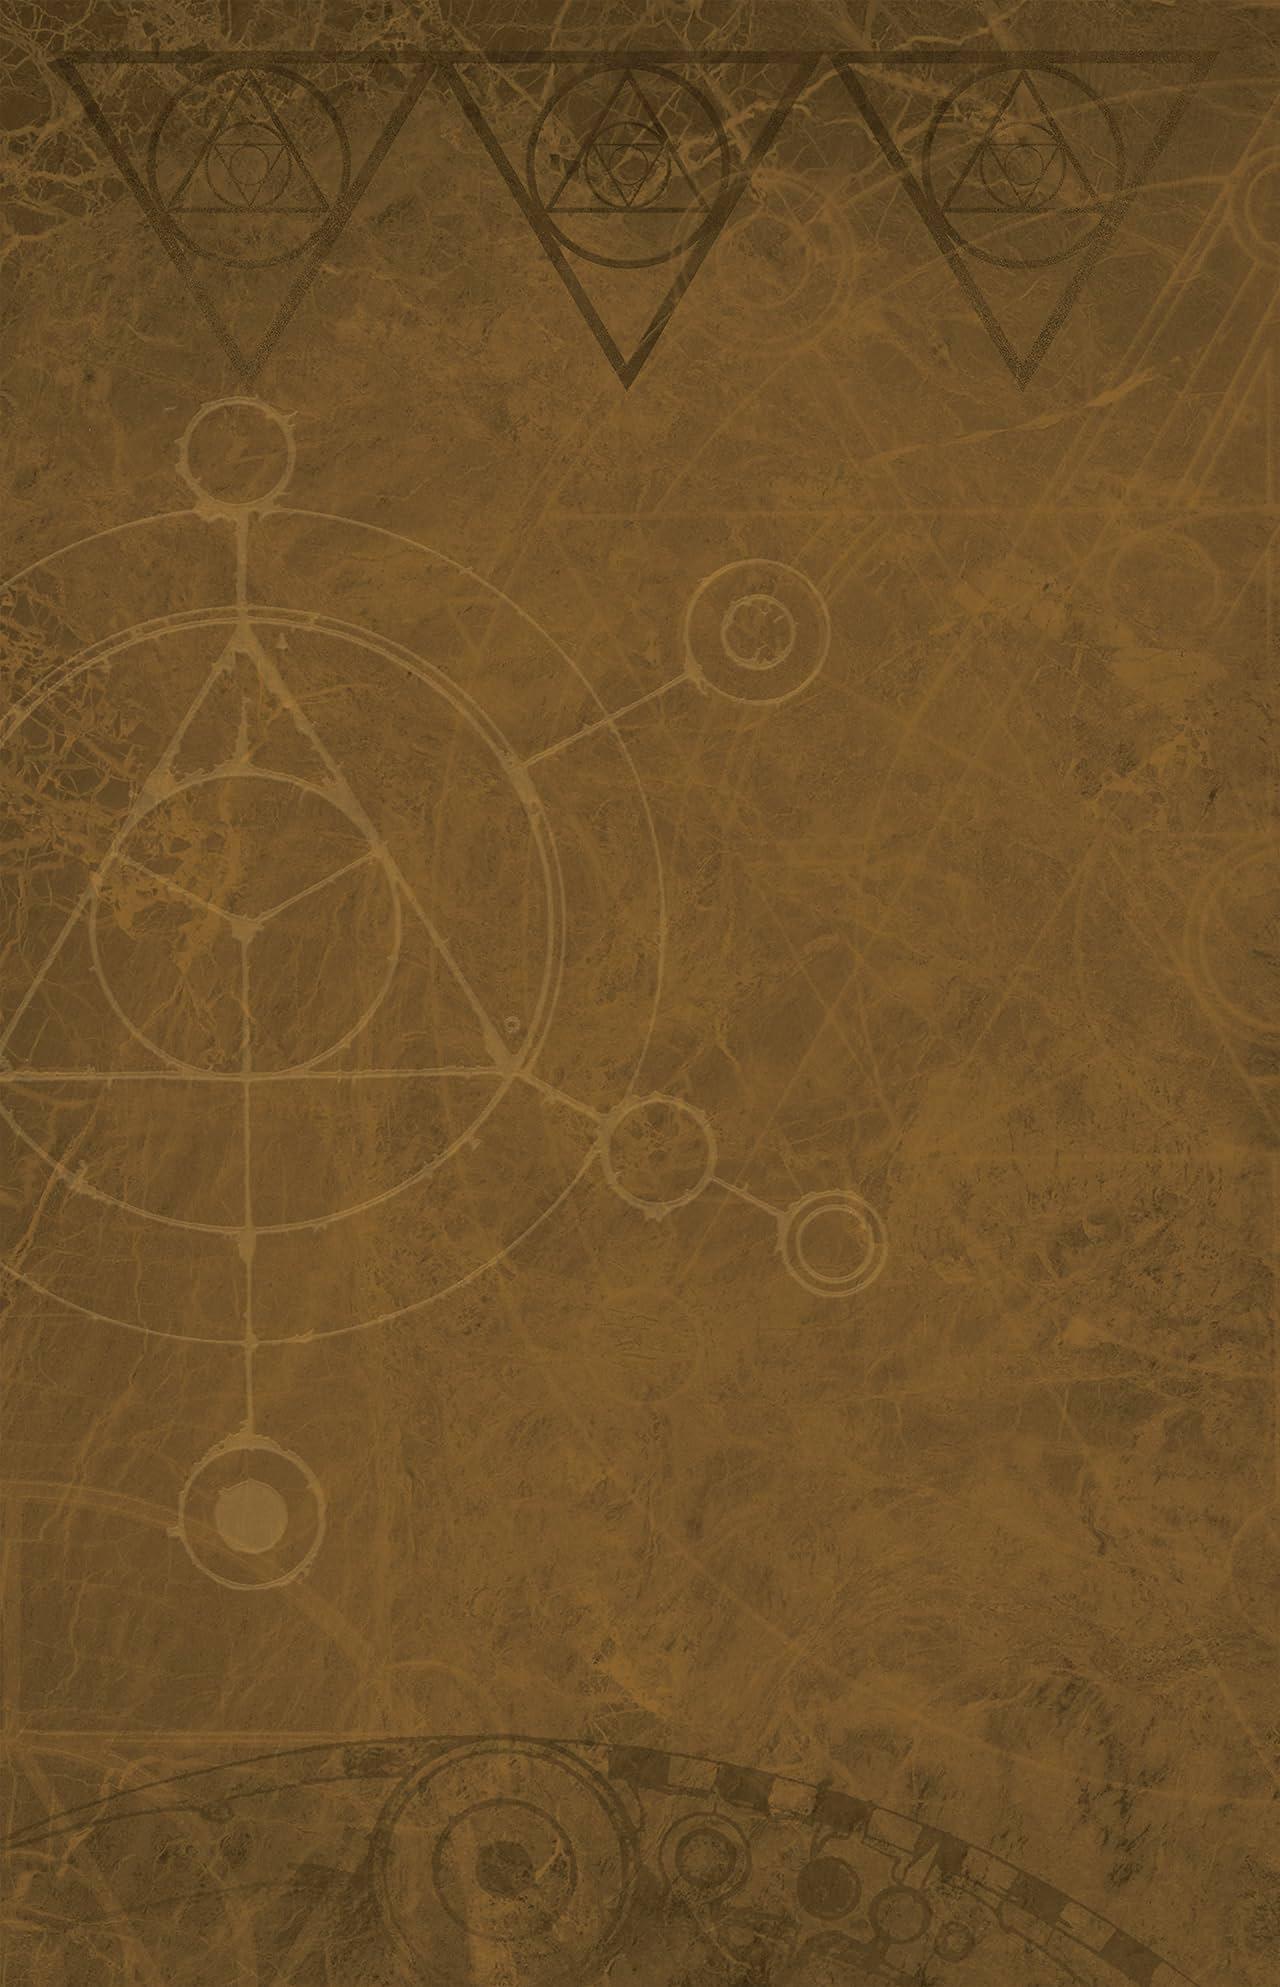 Jim Henson's The Dark Crystal: Creation Myths Tome 1